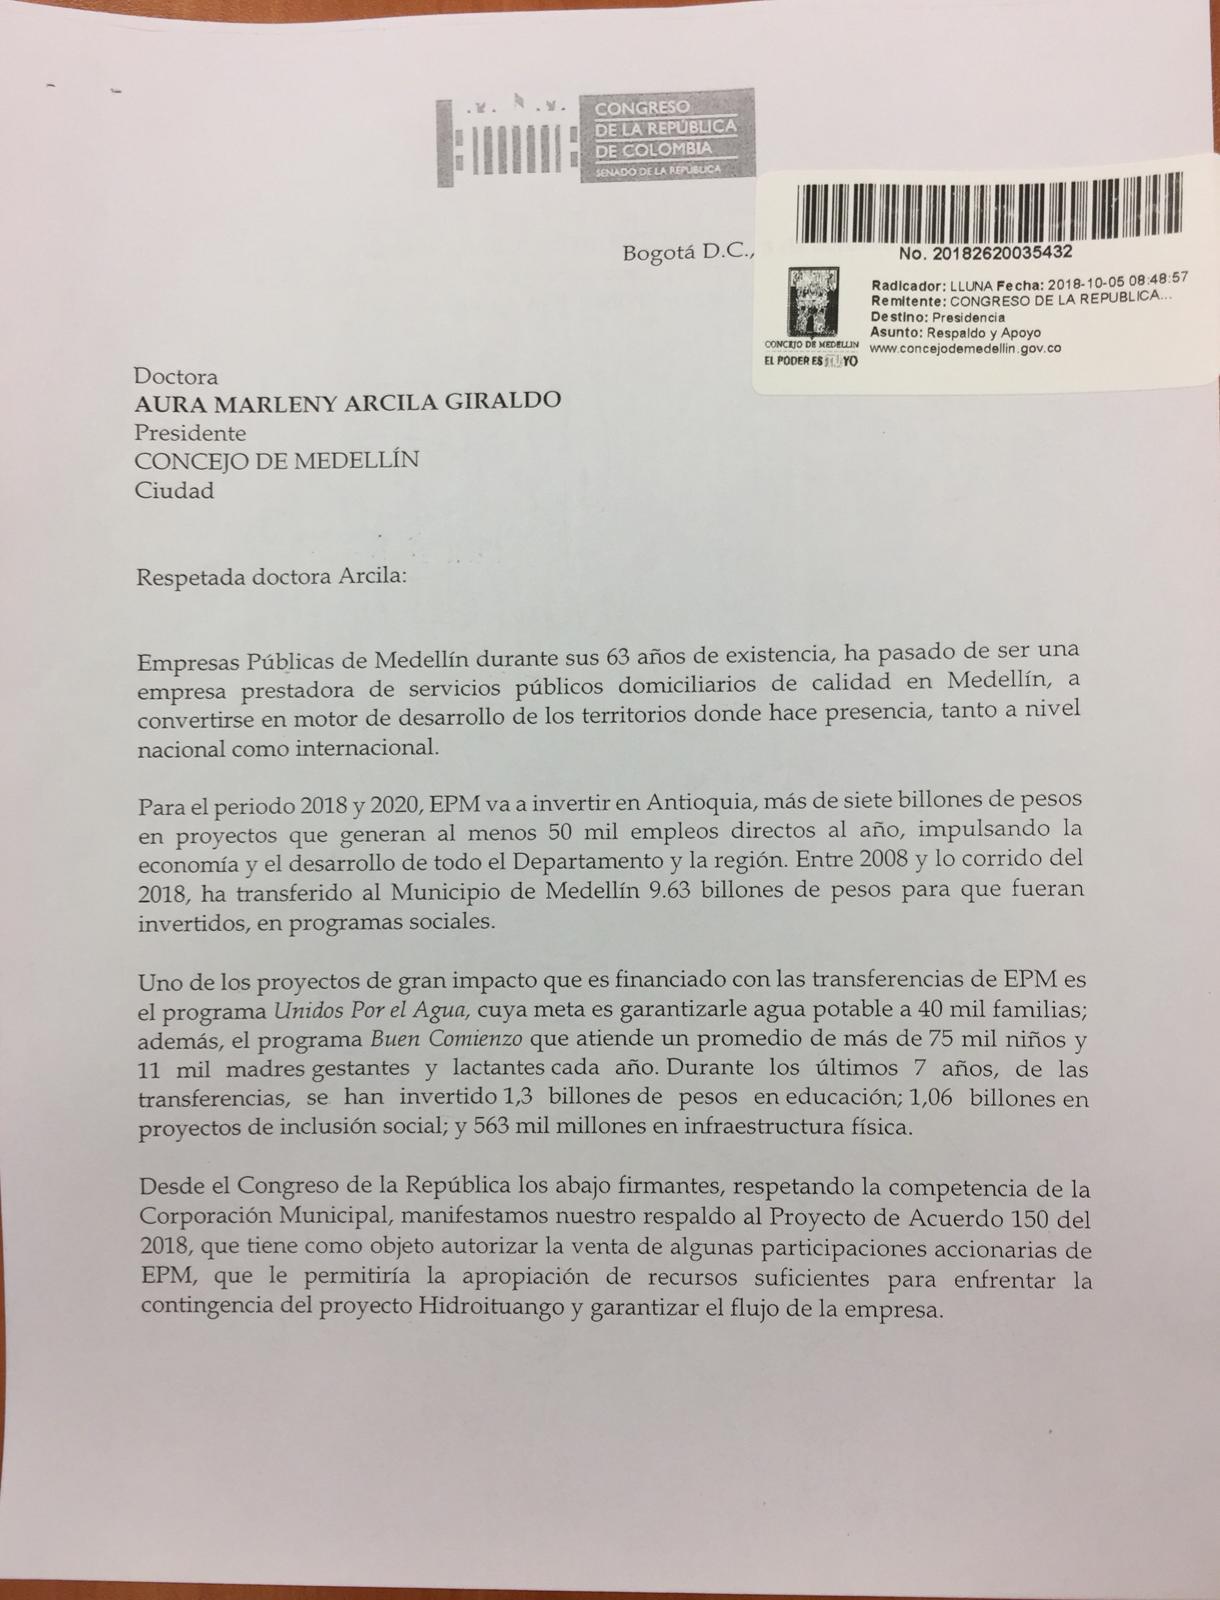 Congresistas apoyan venta de acciones de EPM